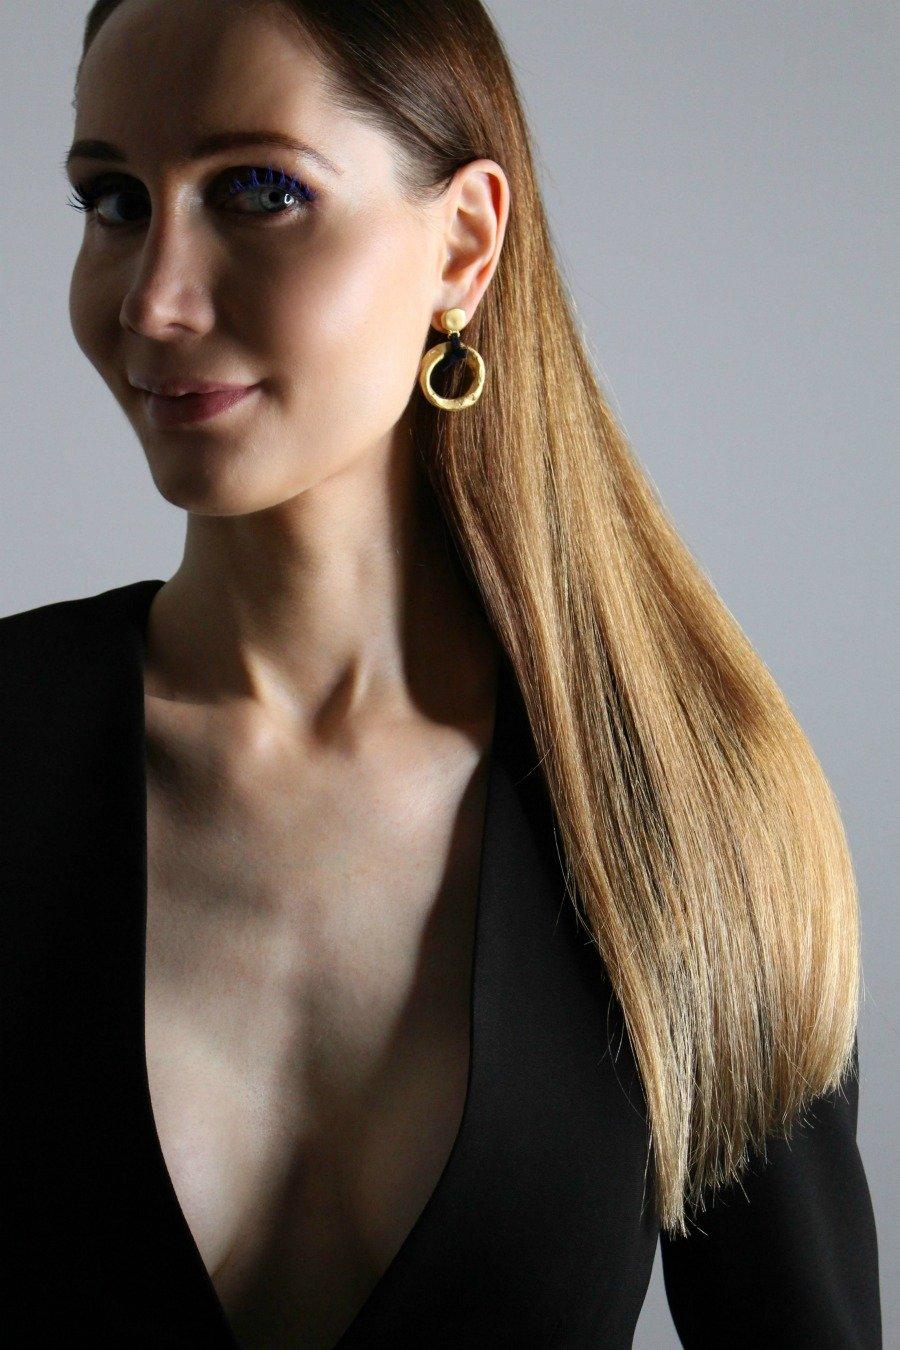 beste Haarpflege für kaputtes Haar, Haarpflege die wirklich hilft, kaputte Haare gesund pflegen, lange und gesunde Haare bekommen, glatte Haare ohne Glätteisen und Föhn, kaputte Haare reparieren ohne schneiden, kaputte Haare reparieren, warum Haare abbrechen, Haarpflege Routine, Keratin Aufbaupflege, Haarpflege für kaputte Haare, Haarpflege mit Keratin, Super Twins Haare, Super Twins Haarpflege, Super Twins Annalena und Magdalena